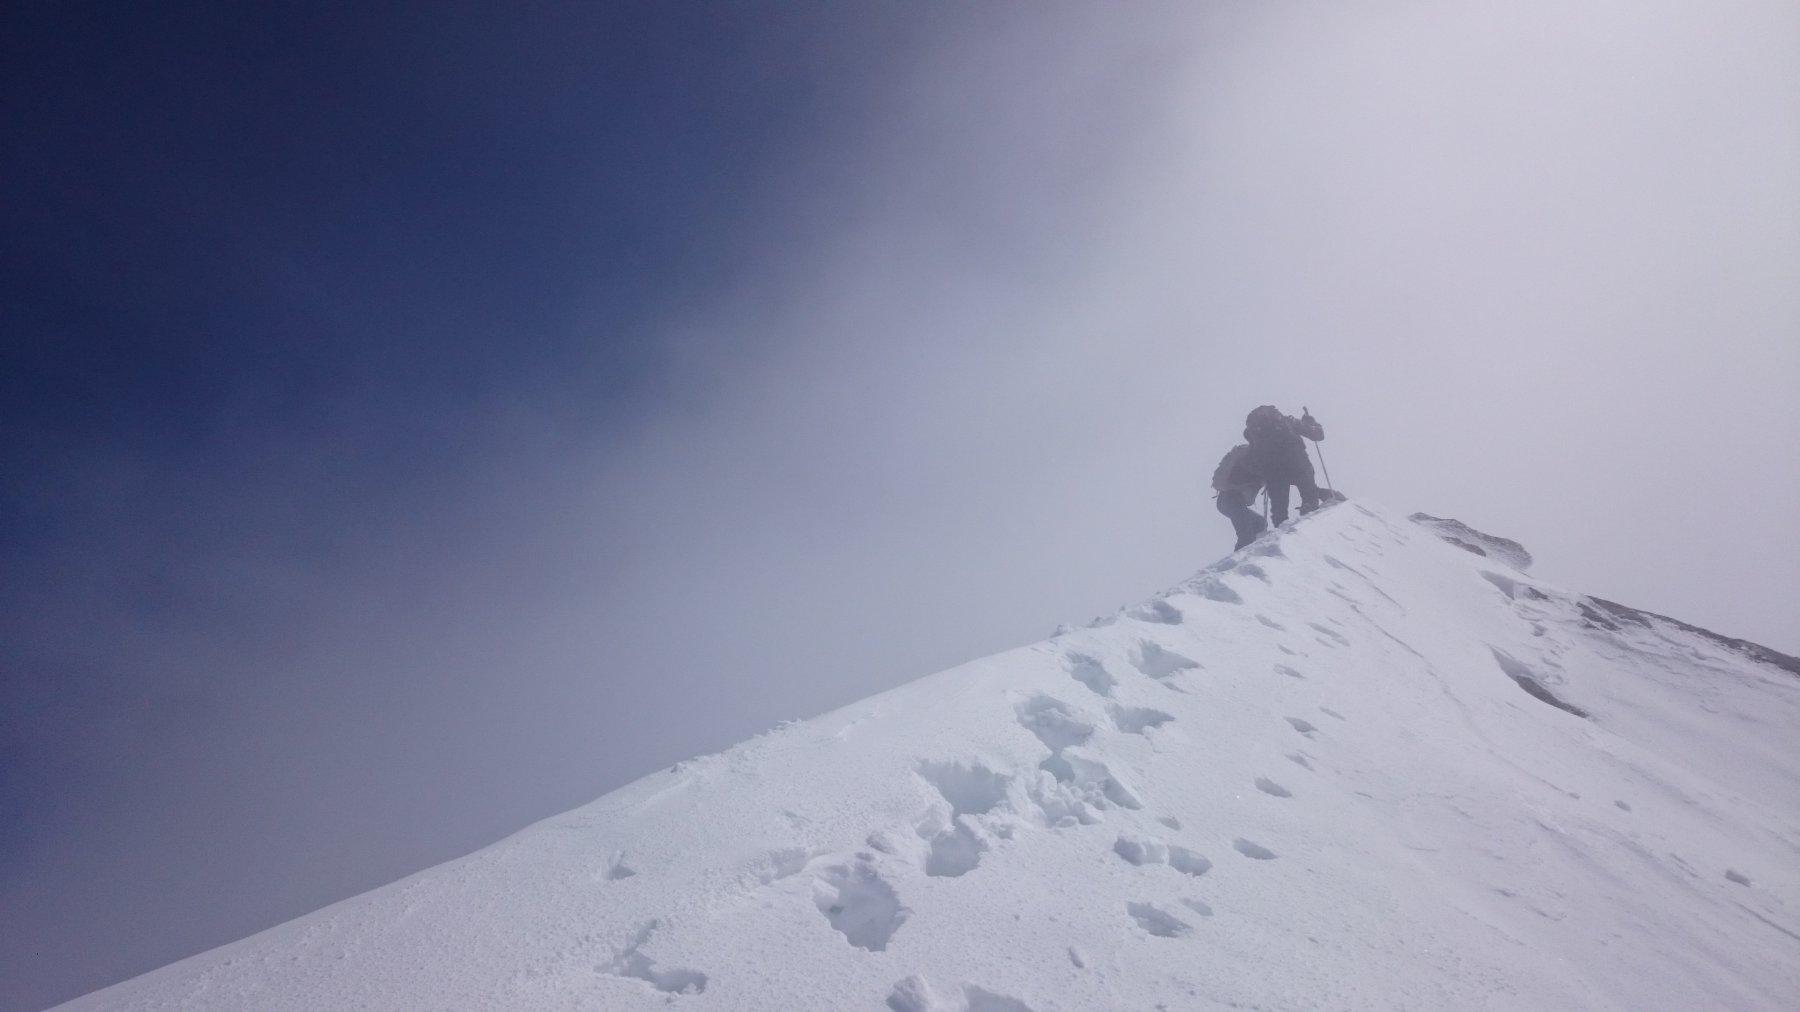 L'ultimo tratto a piedi per arrivare in cima, oggi ottimamente innevato